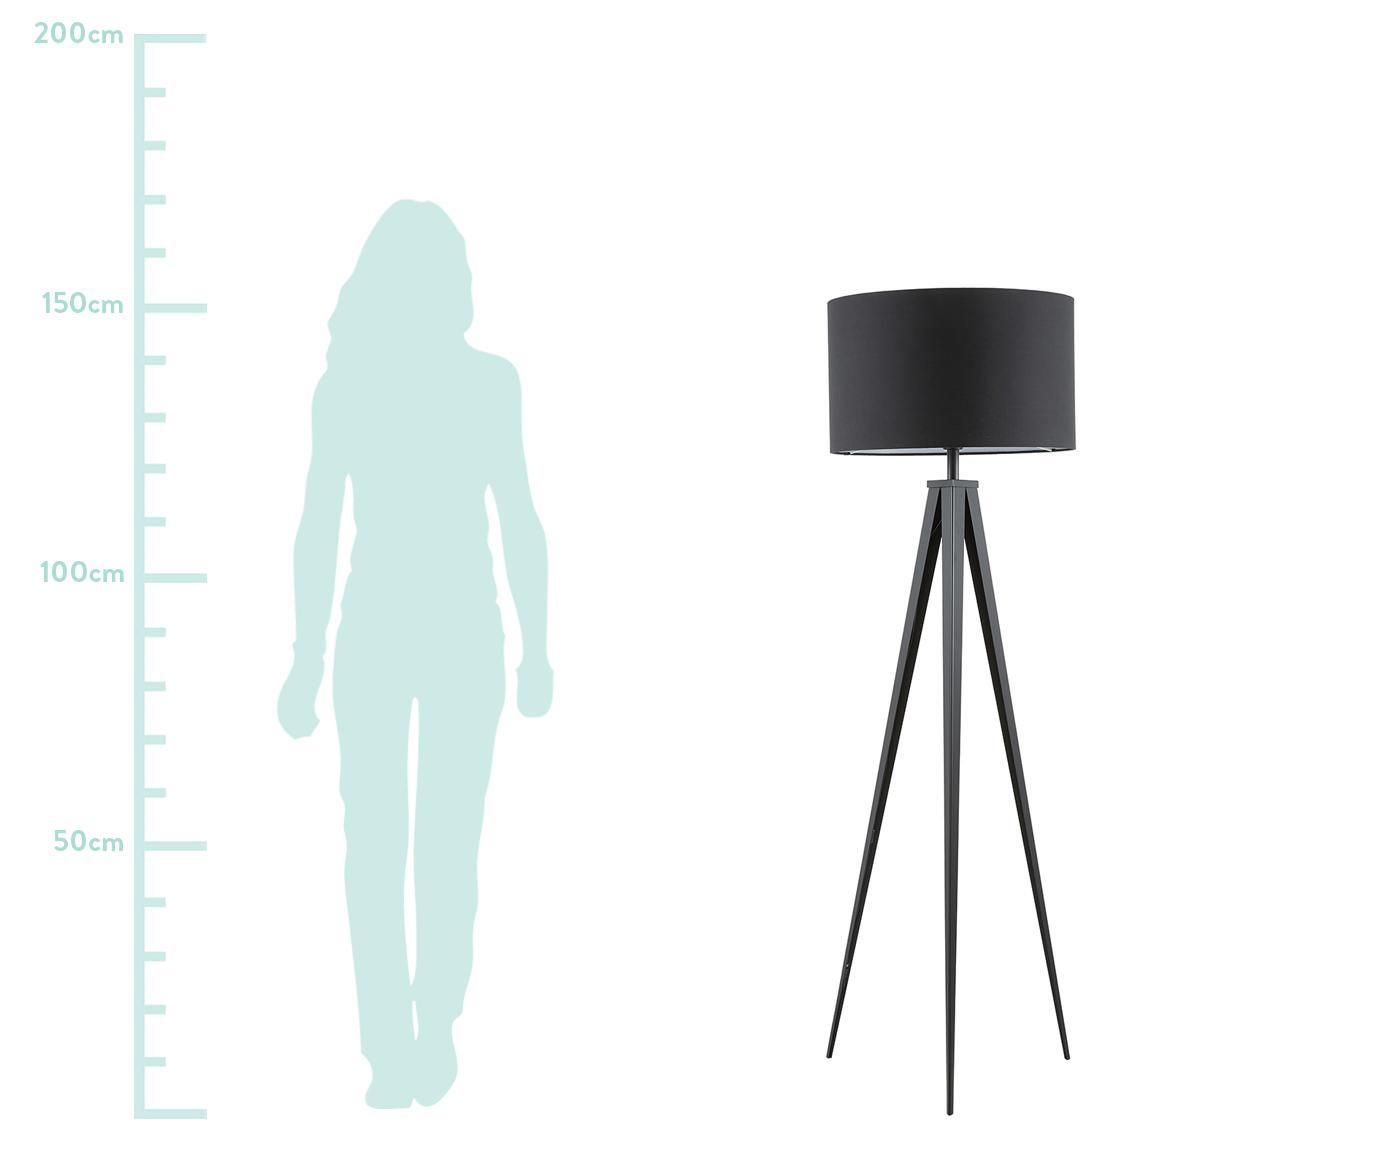 Vloerlamp Jake, Lampenkap: katoen, Lampvoet: gepoedercoat metaal, Lampenkap: zwart. Lampvoet: mat zwart, Ø 50 x H 154 cm